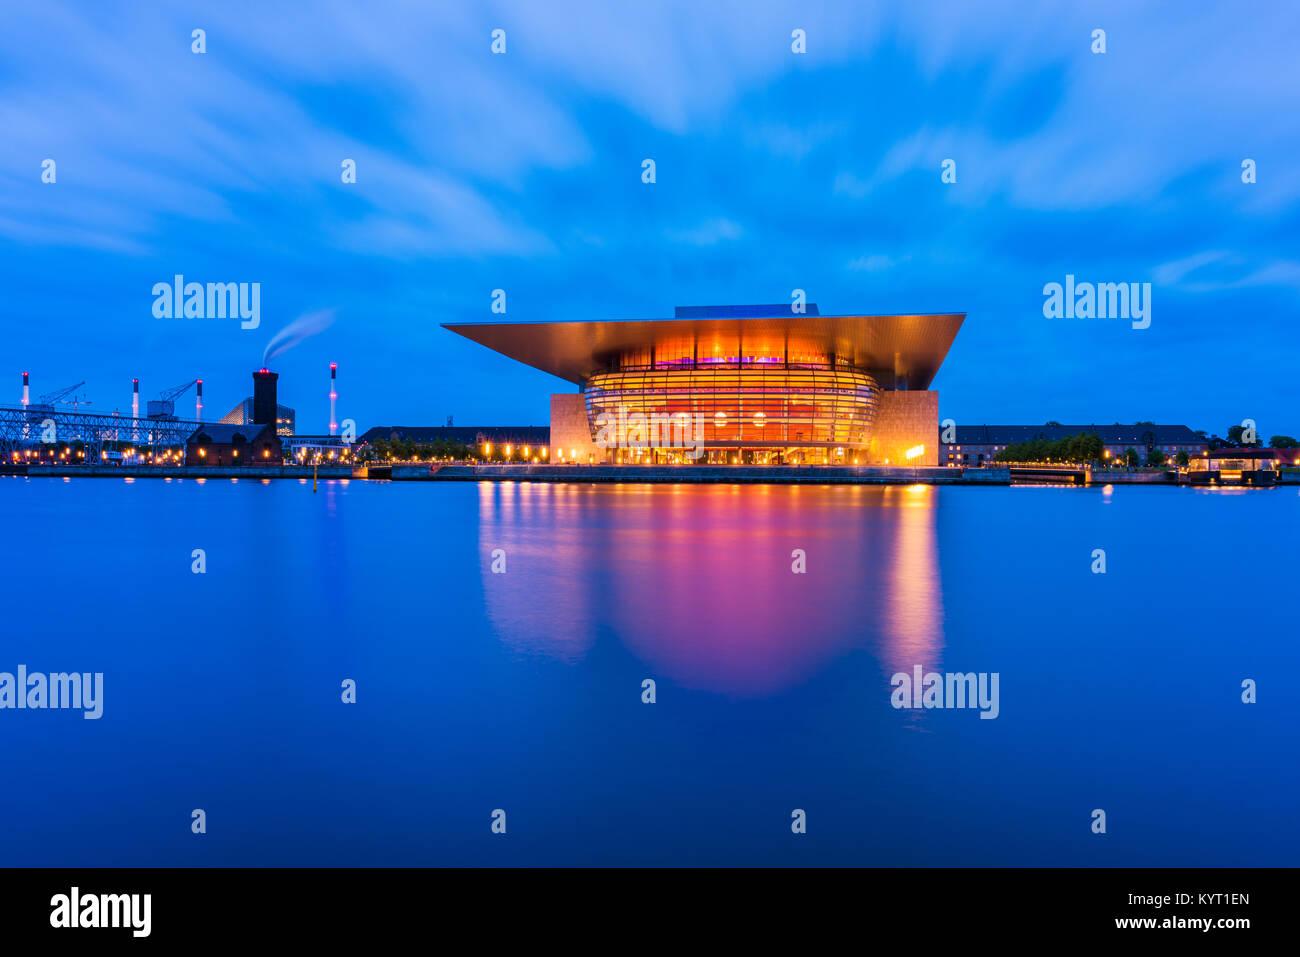 Copenaghen Opera House di Copenhagen, Danimarca. È l'opera nazionale di Danimarca e fu completato nel 2004. Immagini Stock